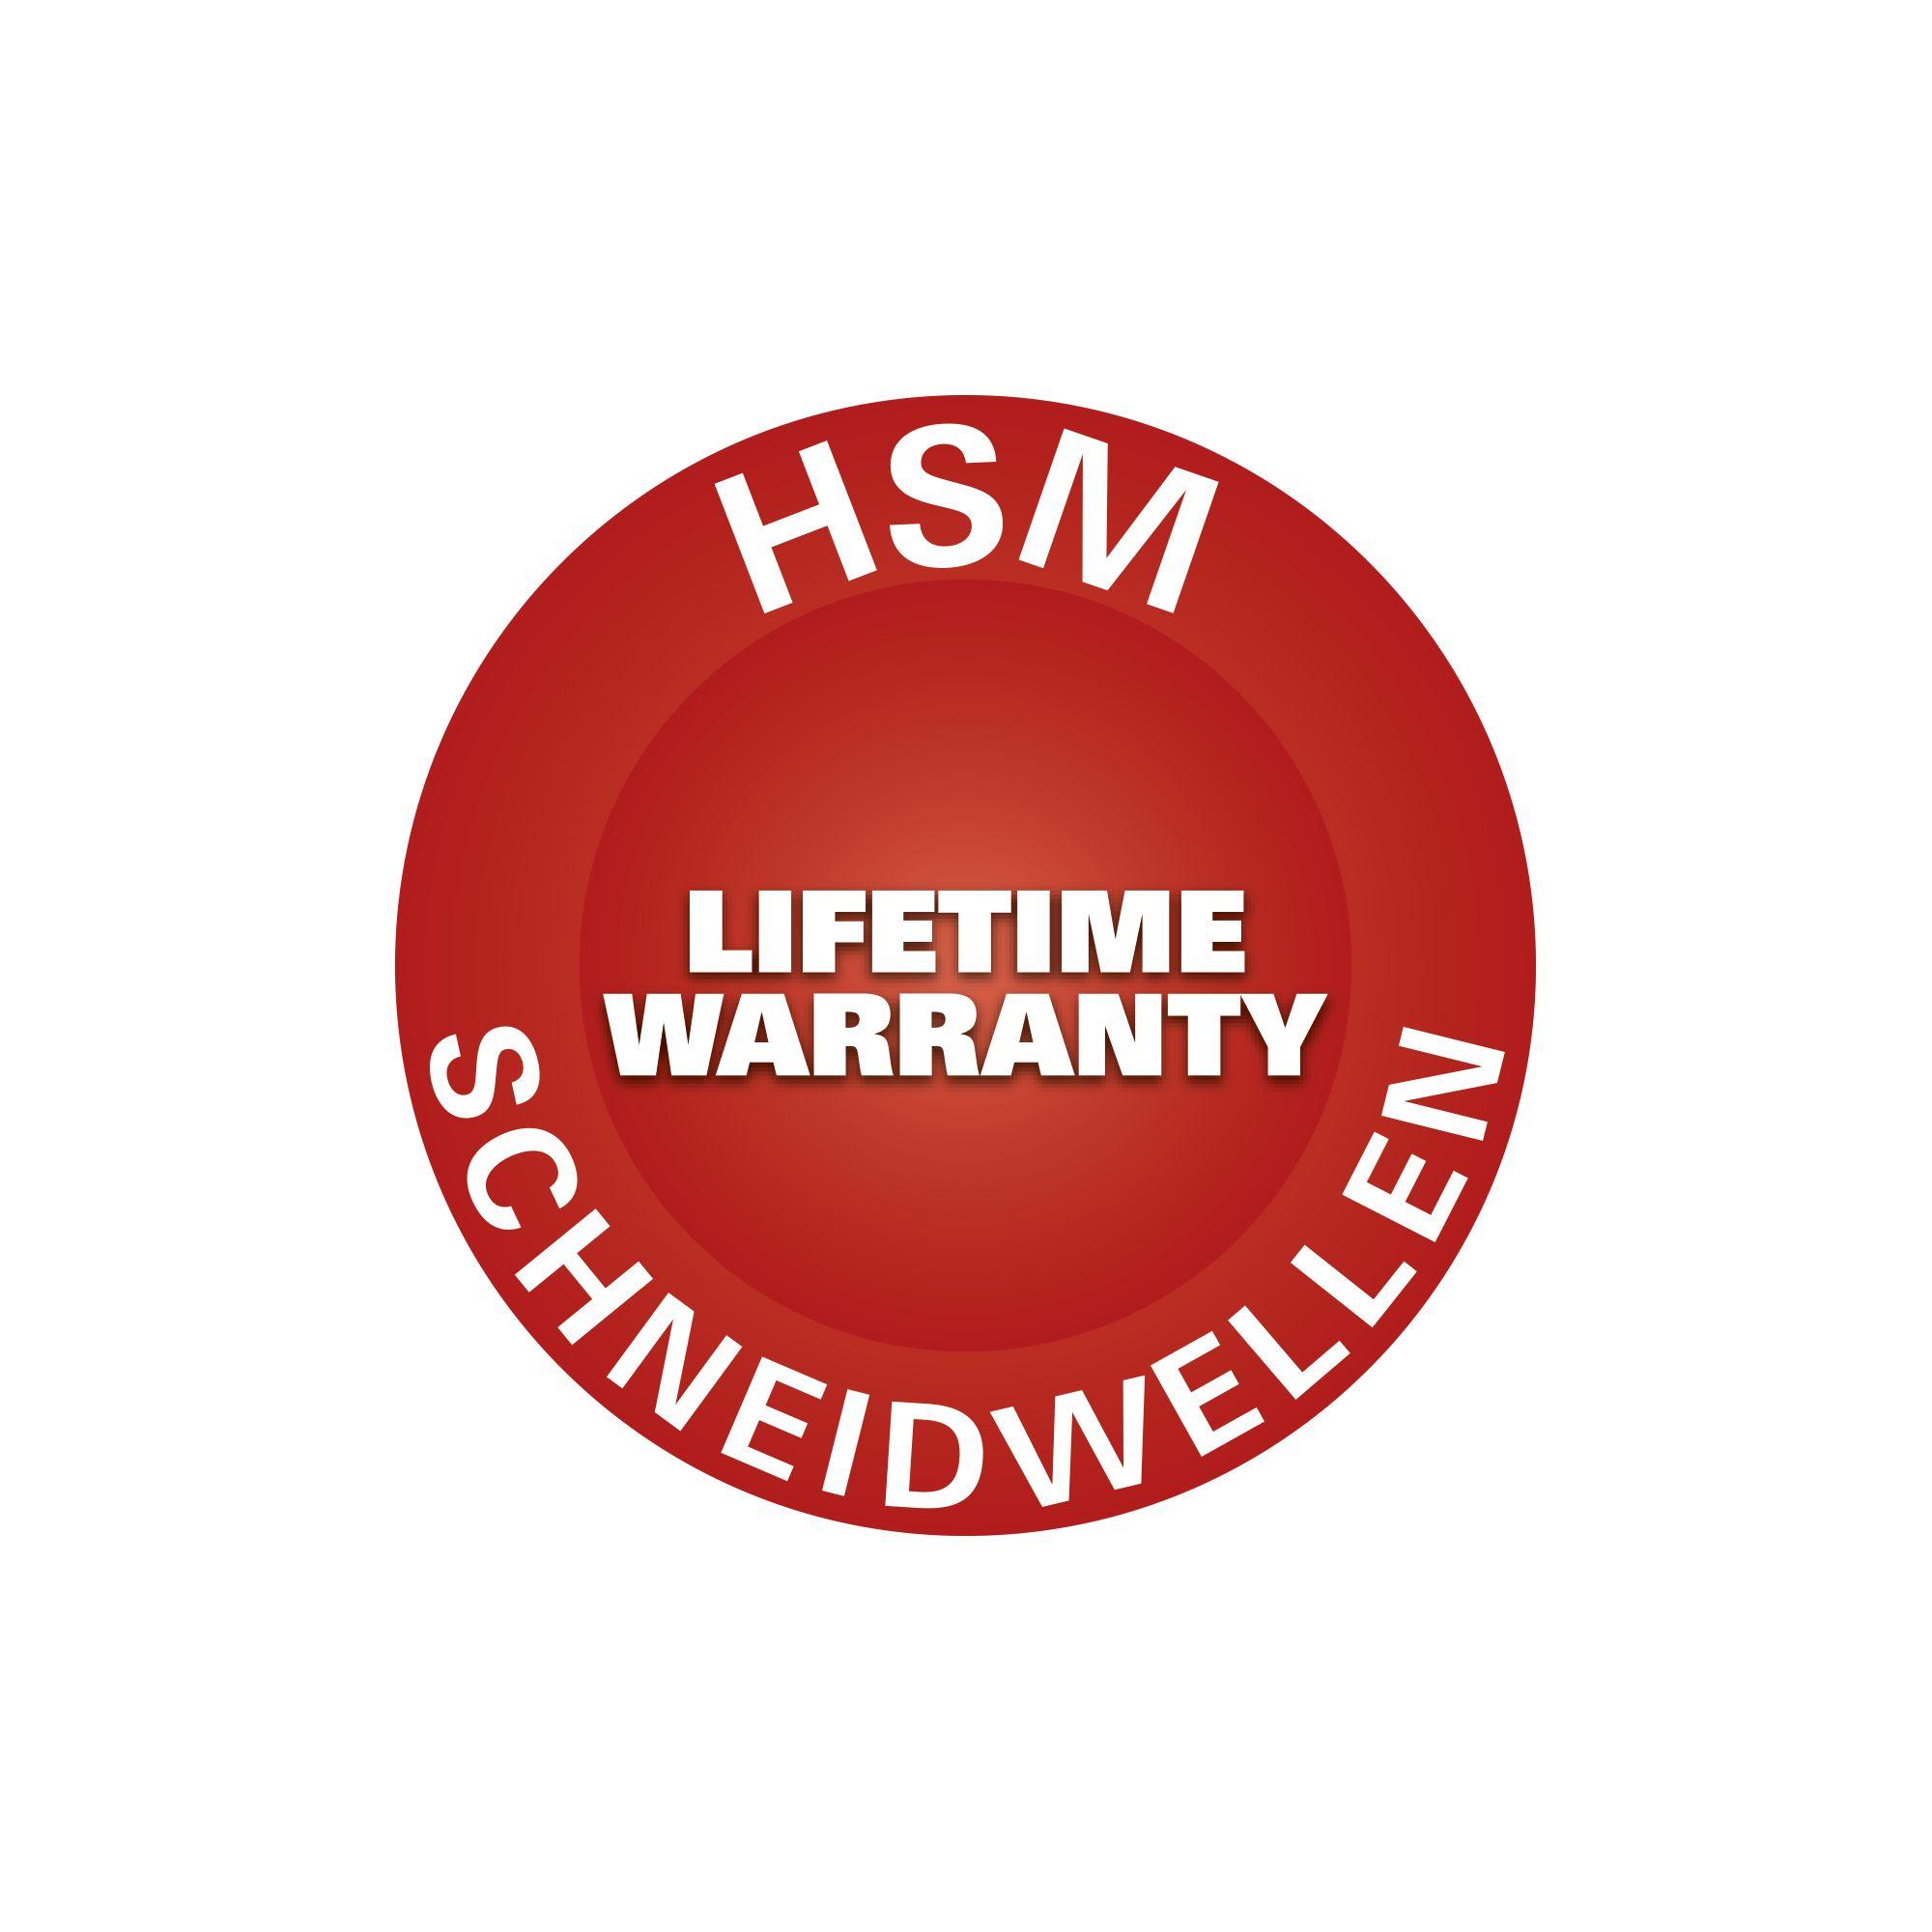 De hsm button lifetime warranty